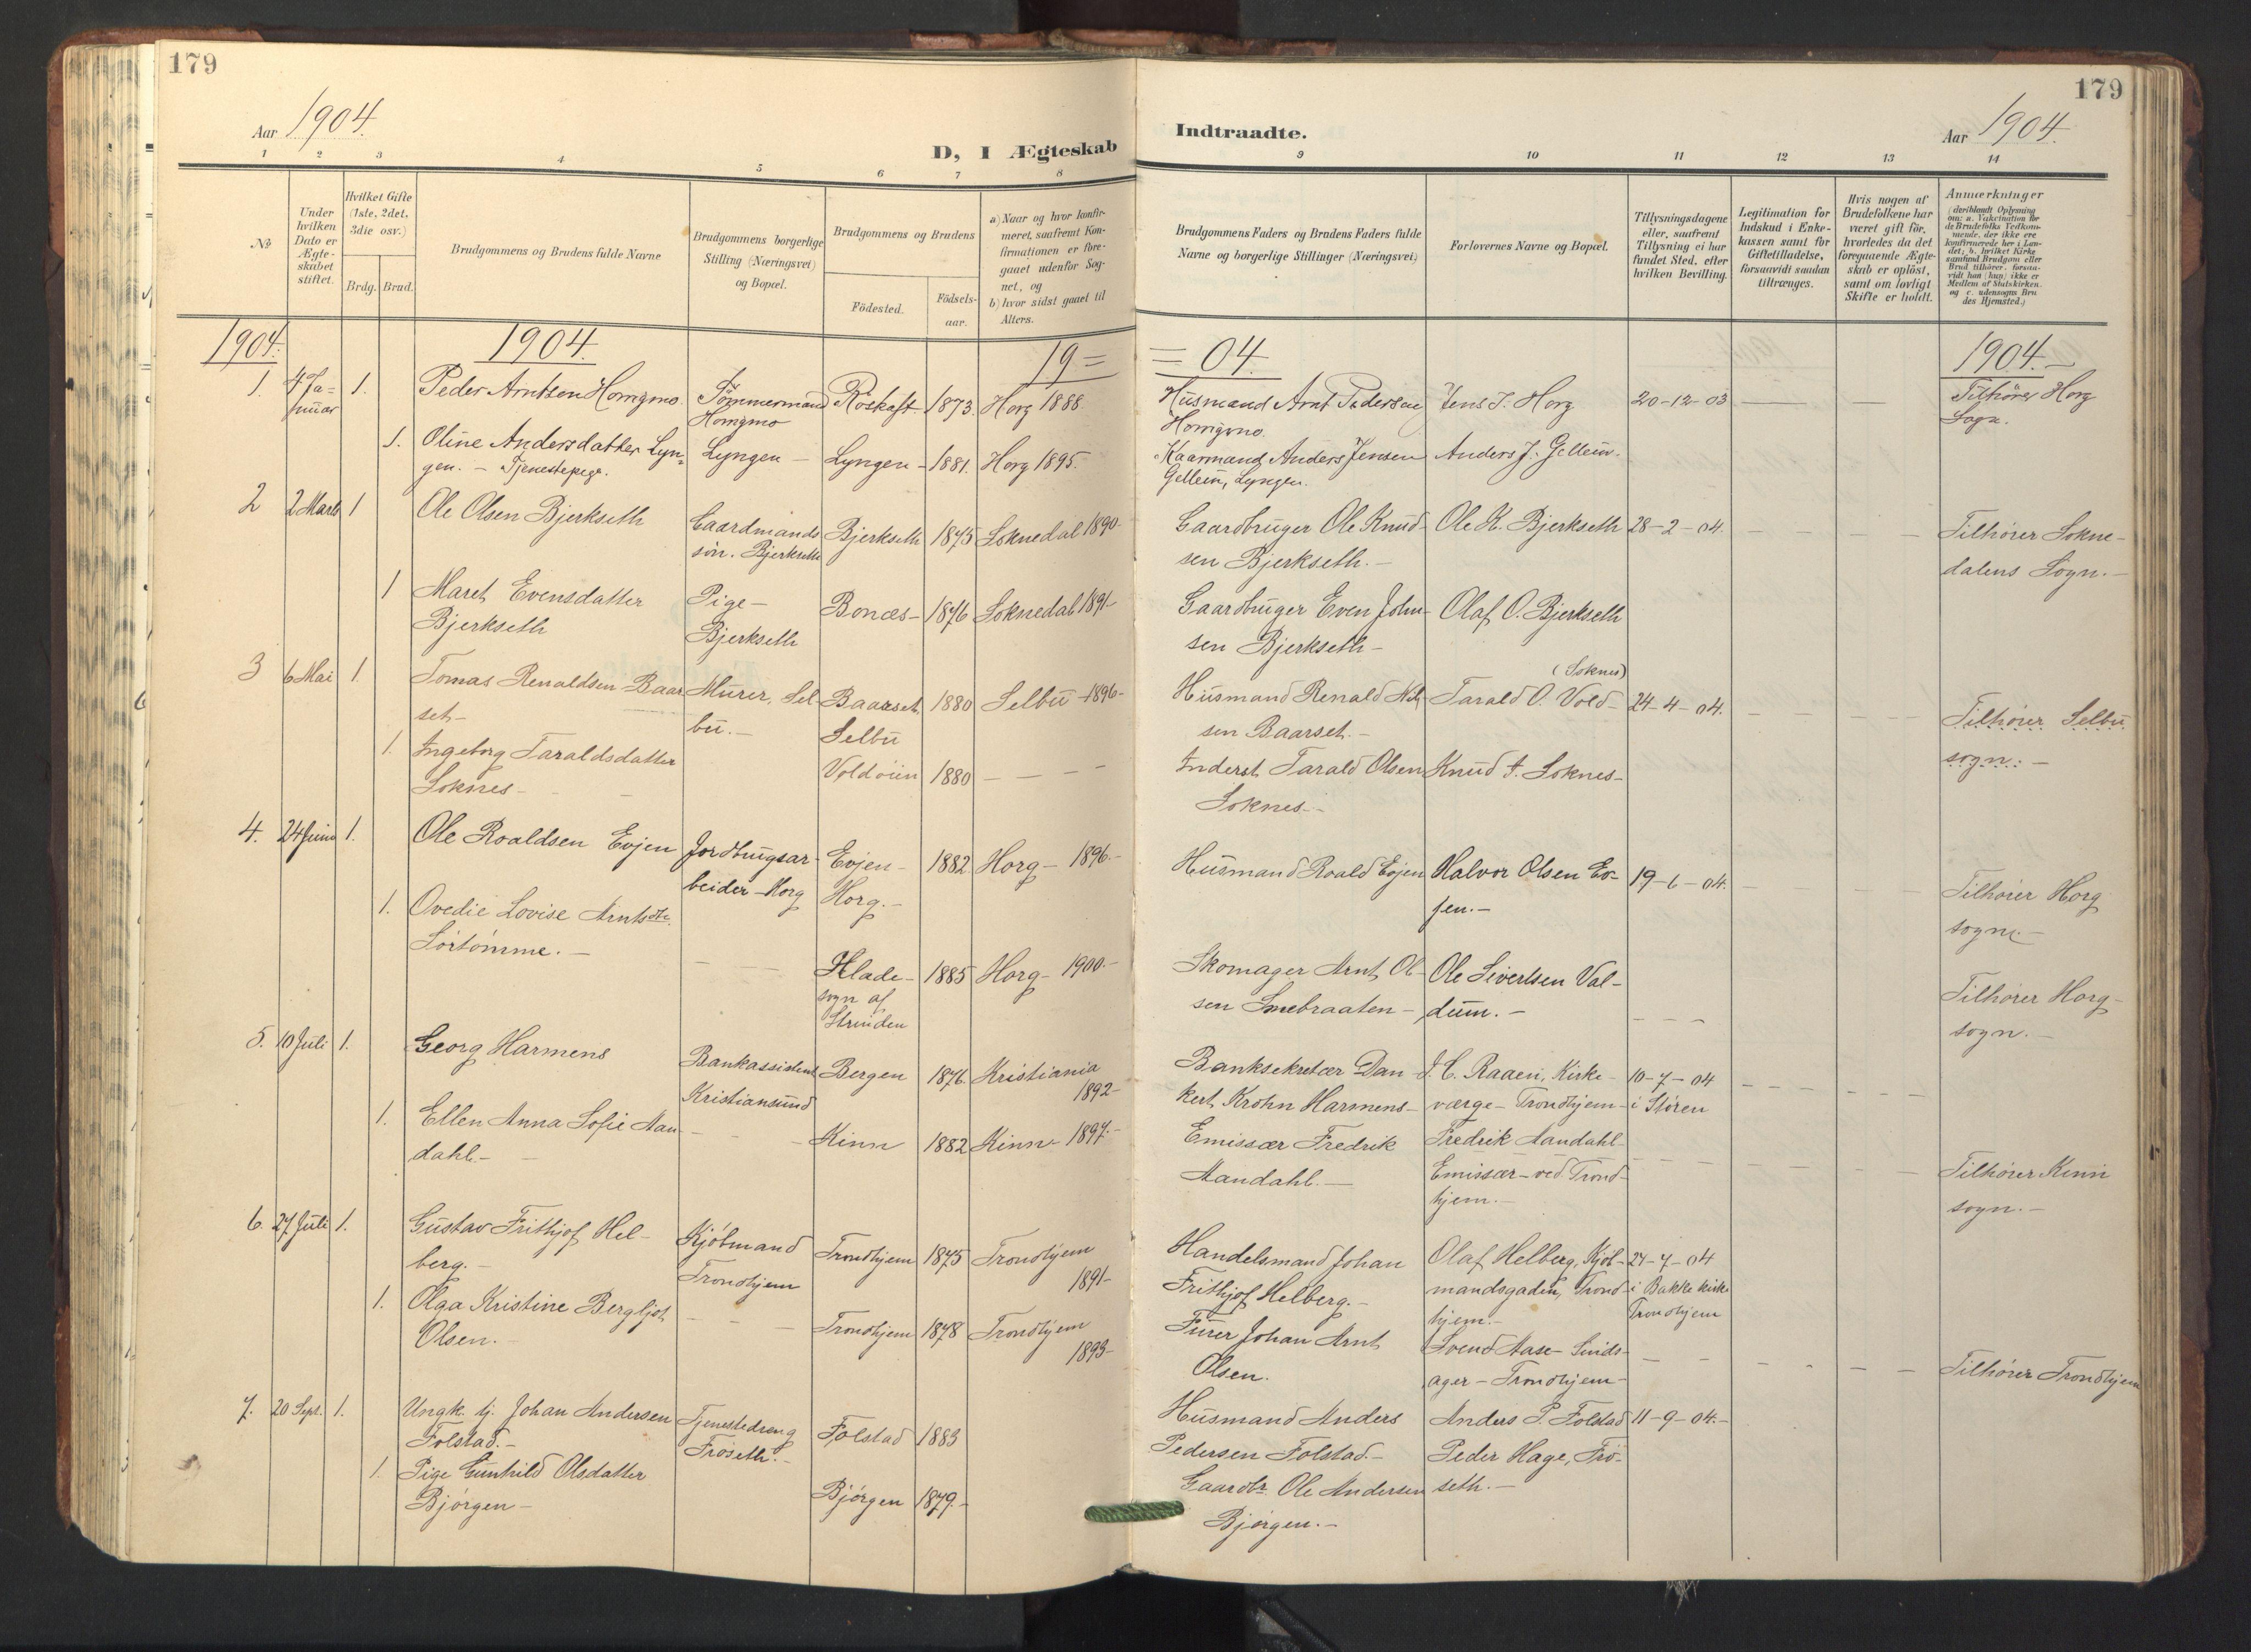 SAT, Ministerialprotokoller, klokkerbøker og fødselsregistre - Sør-Trøndelag, 687/L1019: Klokkerbok nr. 687C03, 1904-1931, s. 179